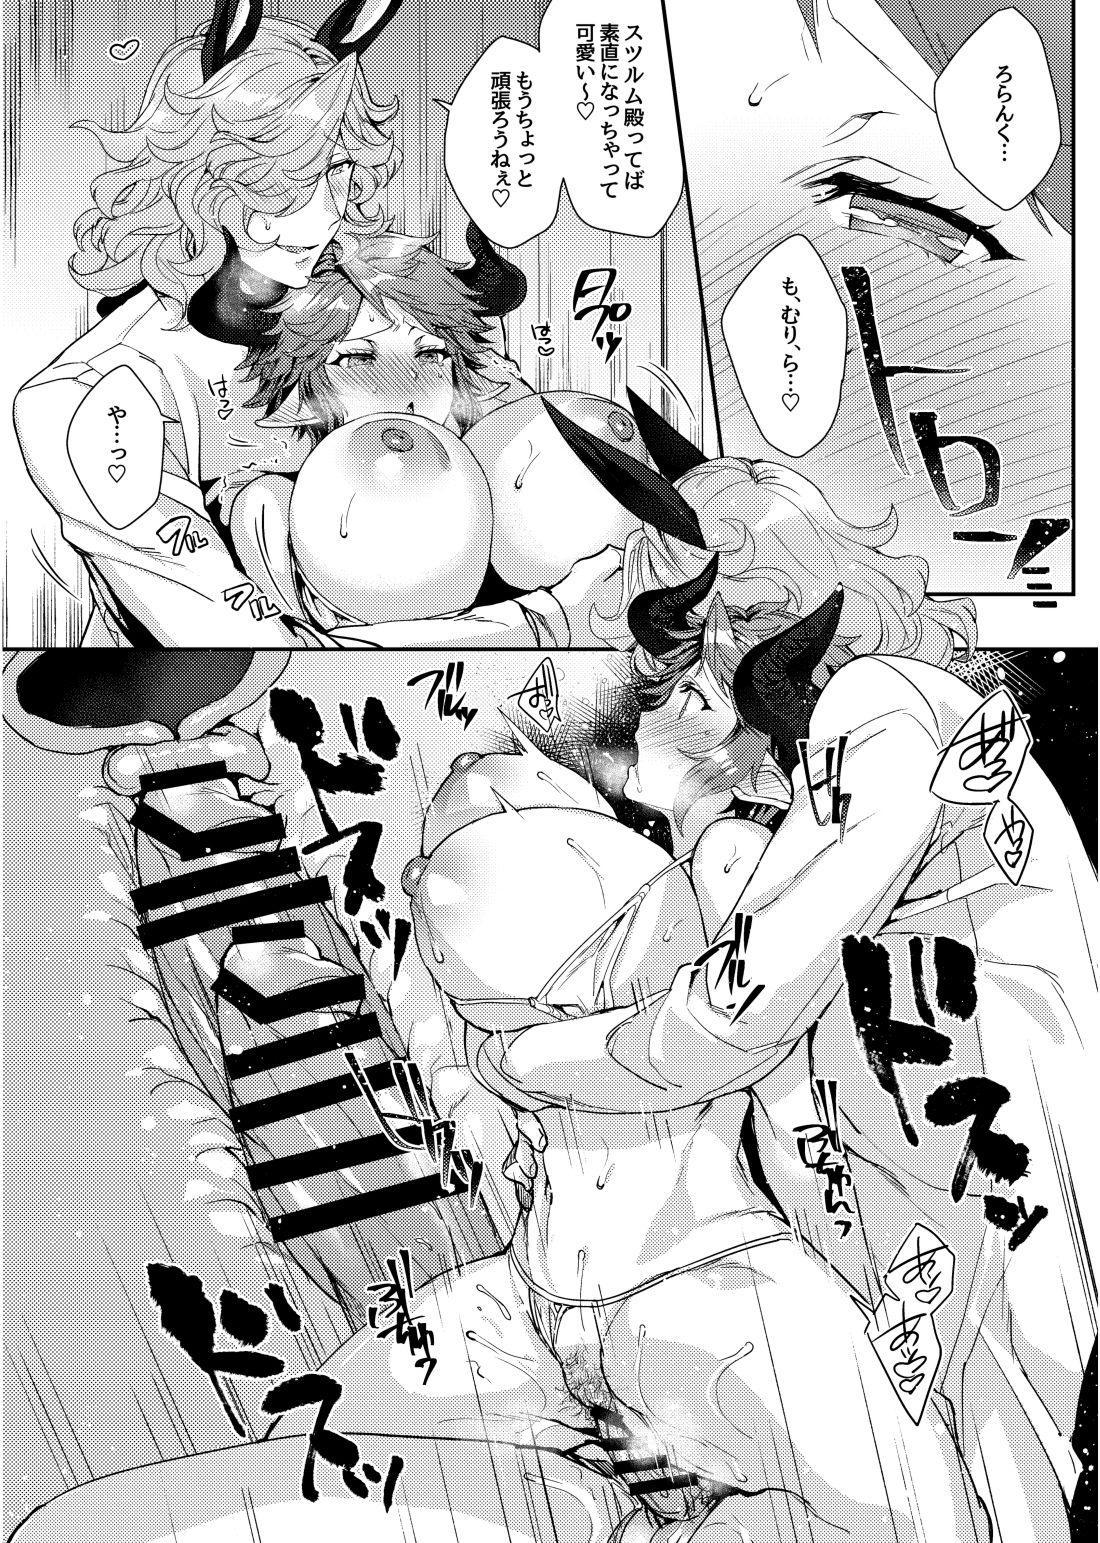 Kore Gurai Atashi ni datte Dekiru tte Itteru daro! 24